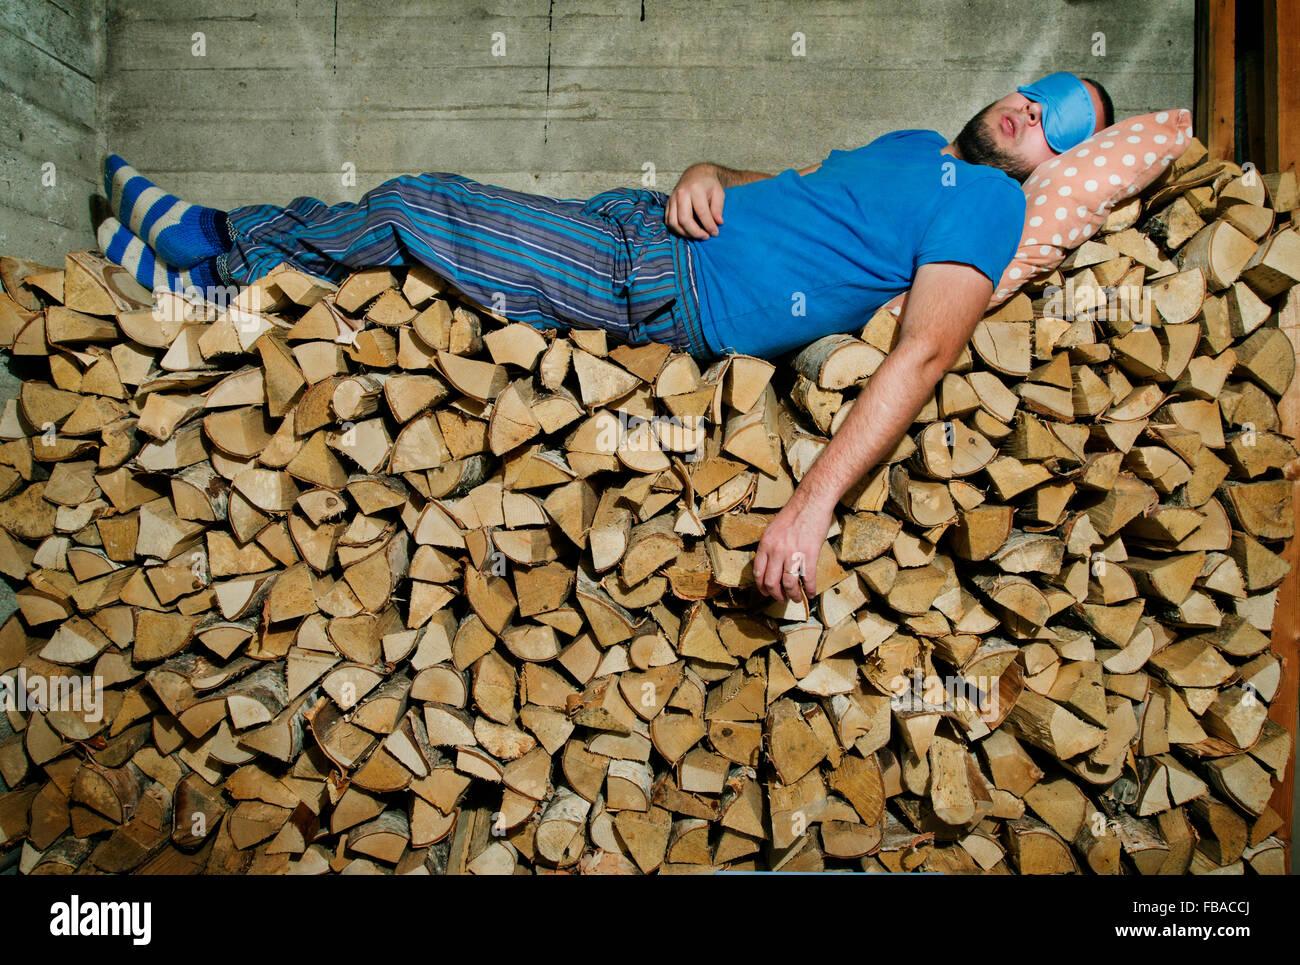 Heinola, Finnland Mann schlafen auf Haufen Brennholz Stockfoto